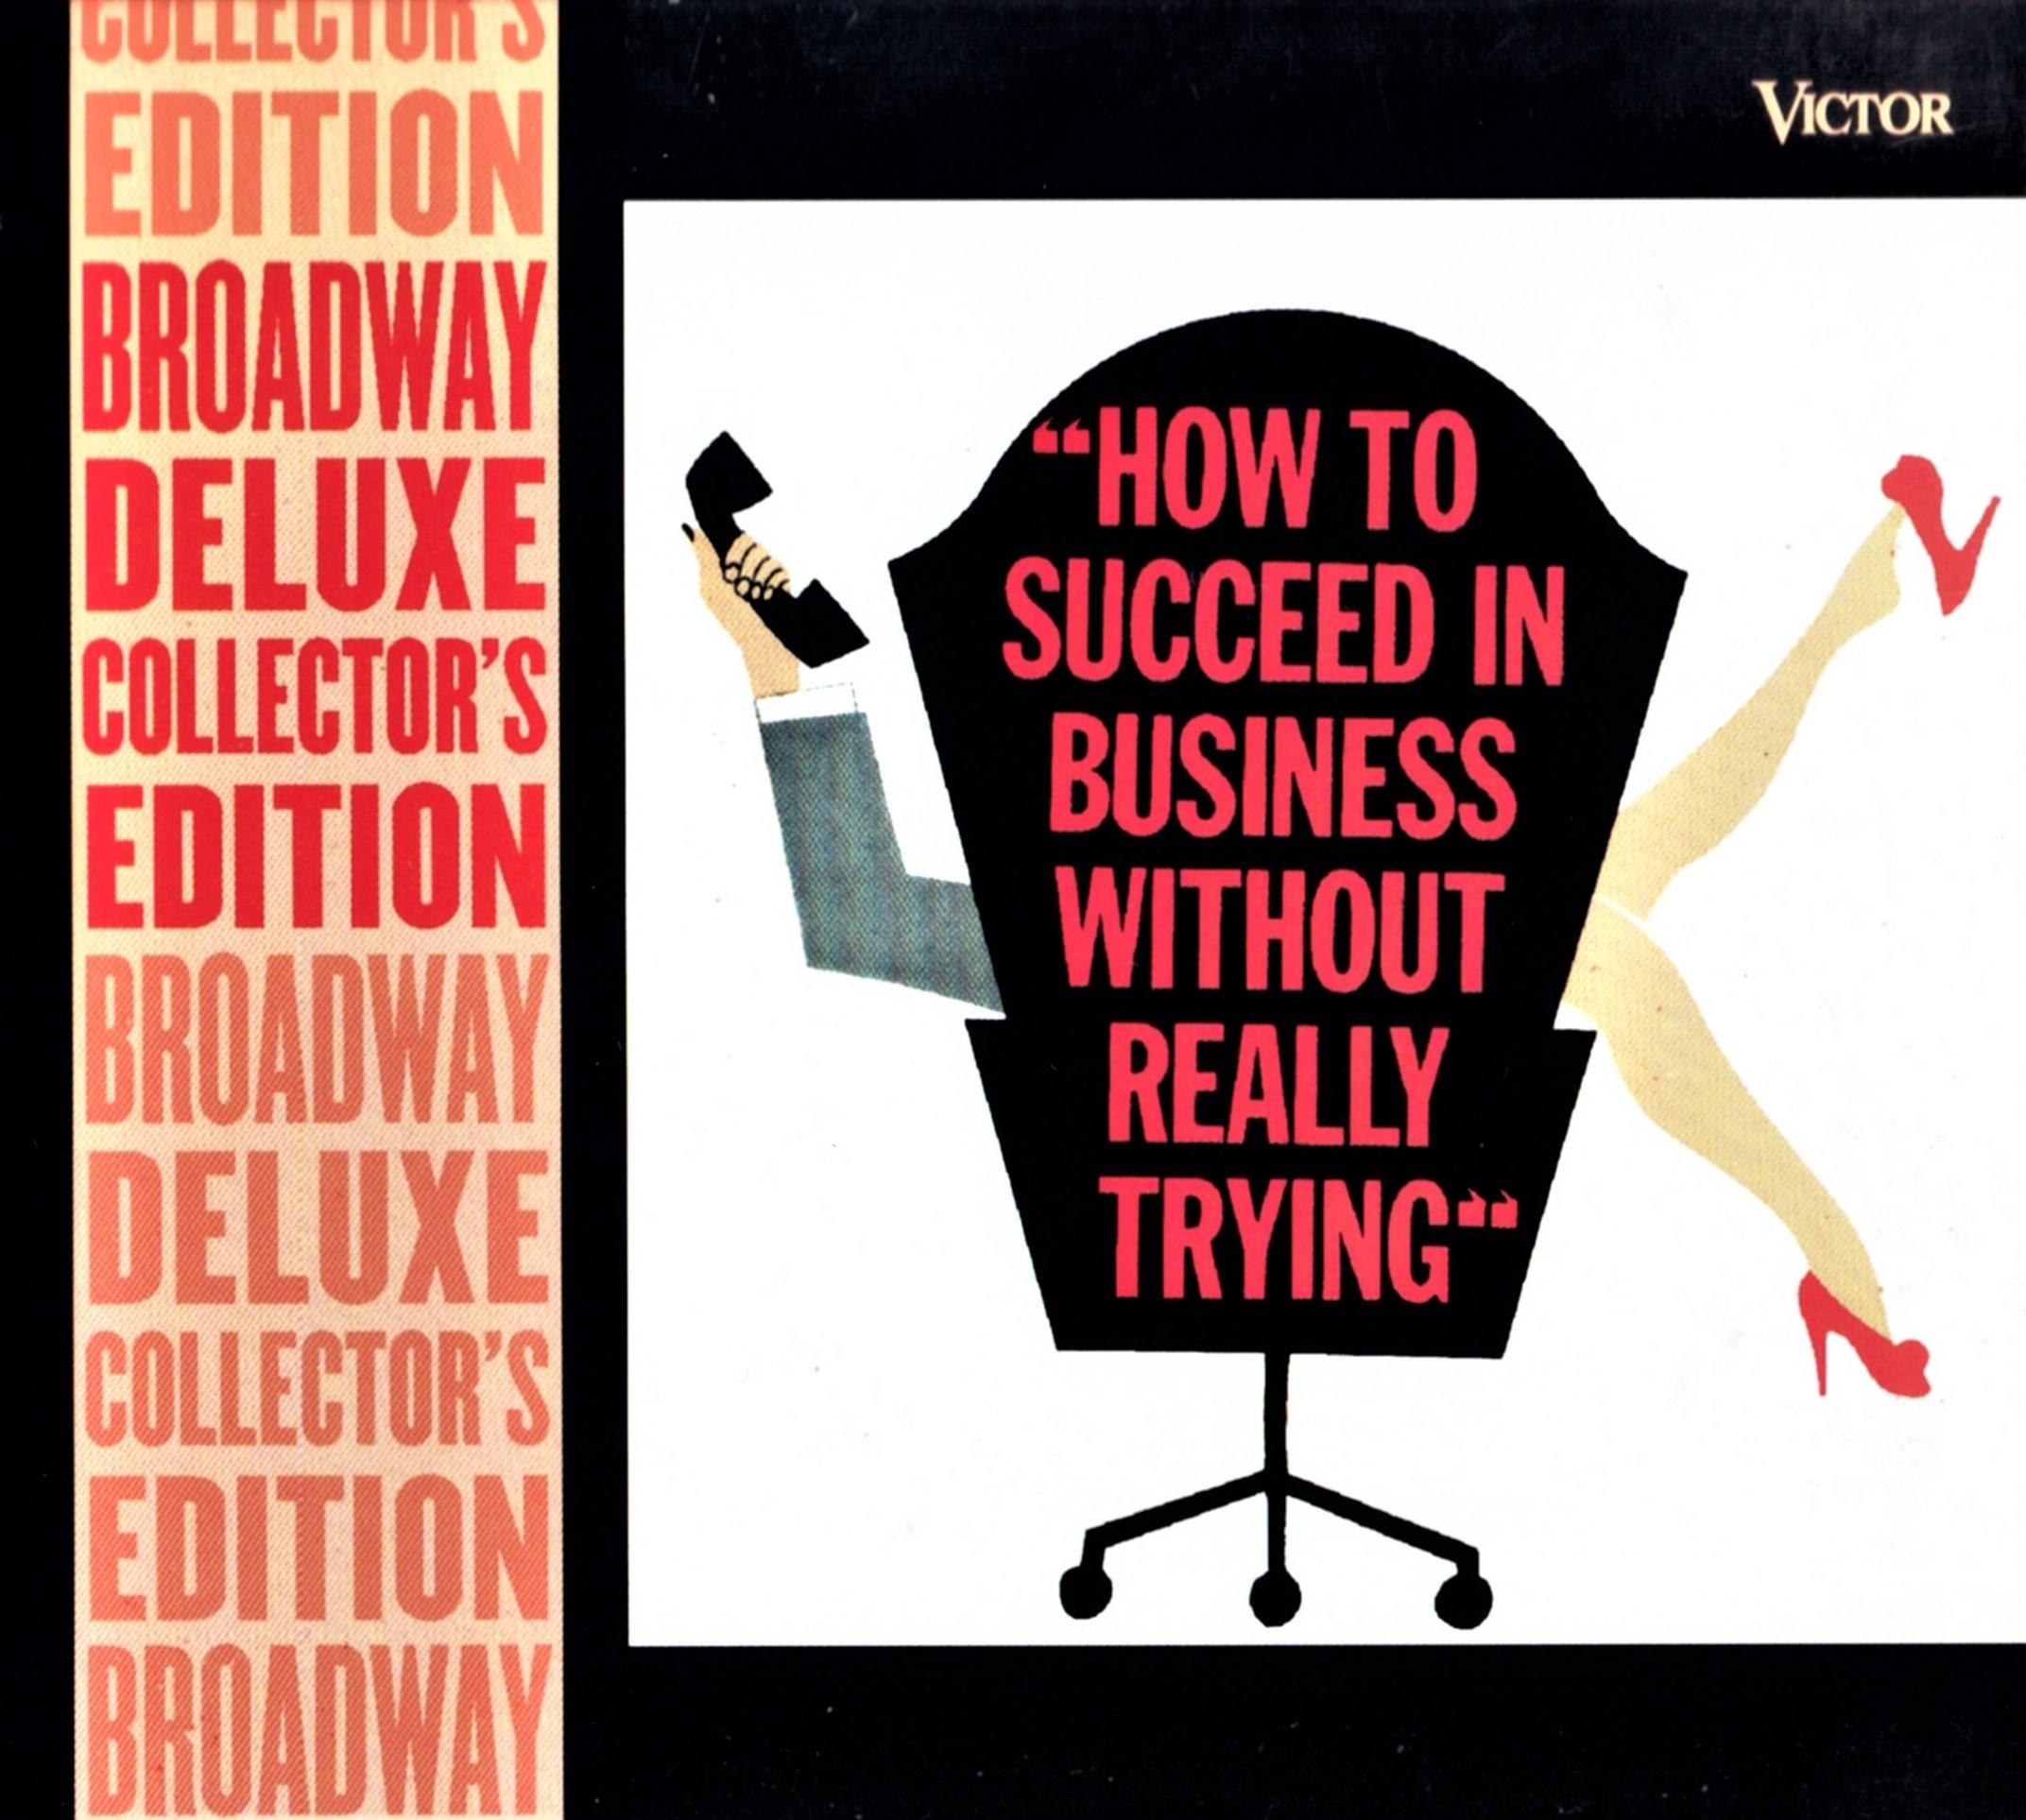 初演のオリジナル・キャストCD。2003年にリリースされた、デラックス・コレクターズ・エディションには、レッサー自身が歌う貴重なデモ録音を収録している(輸入盤やダウンロードで購入可)。